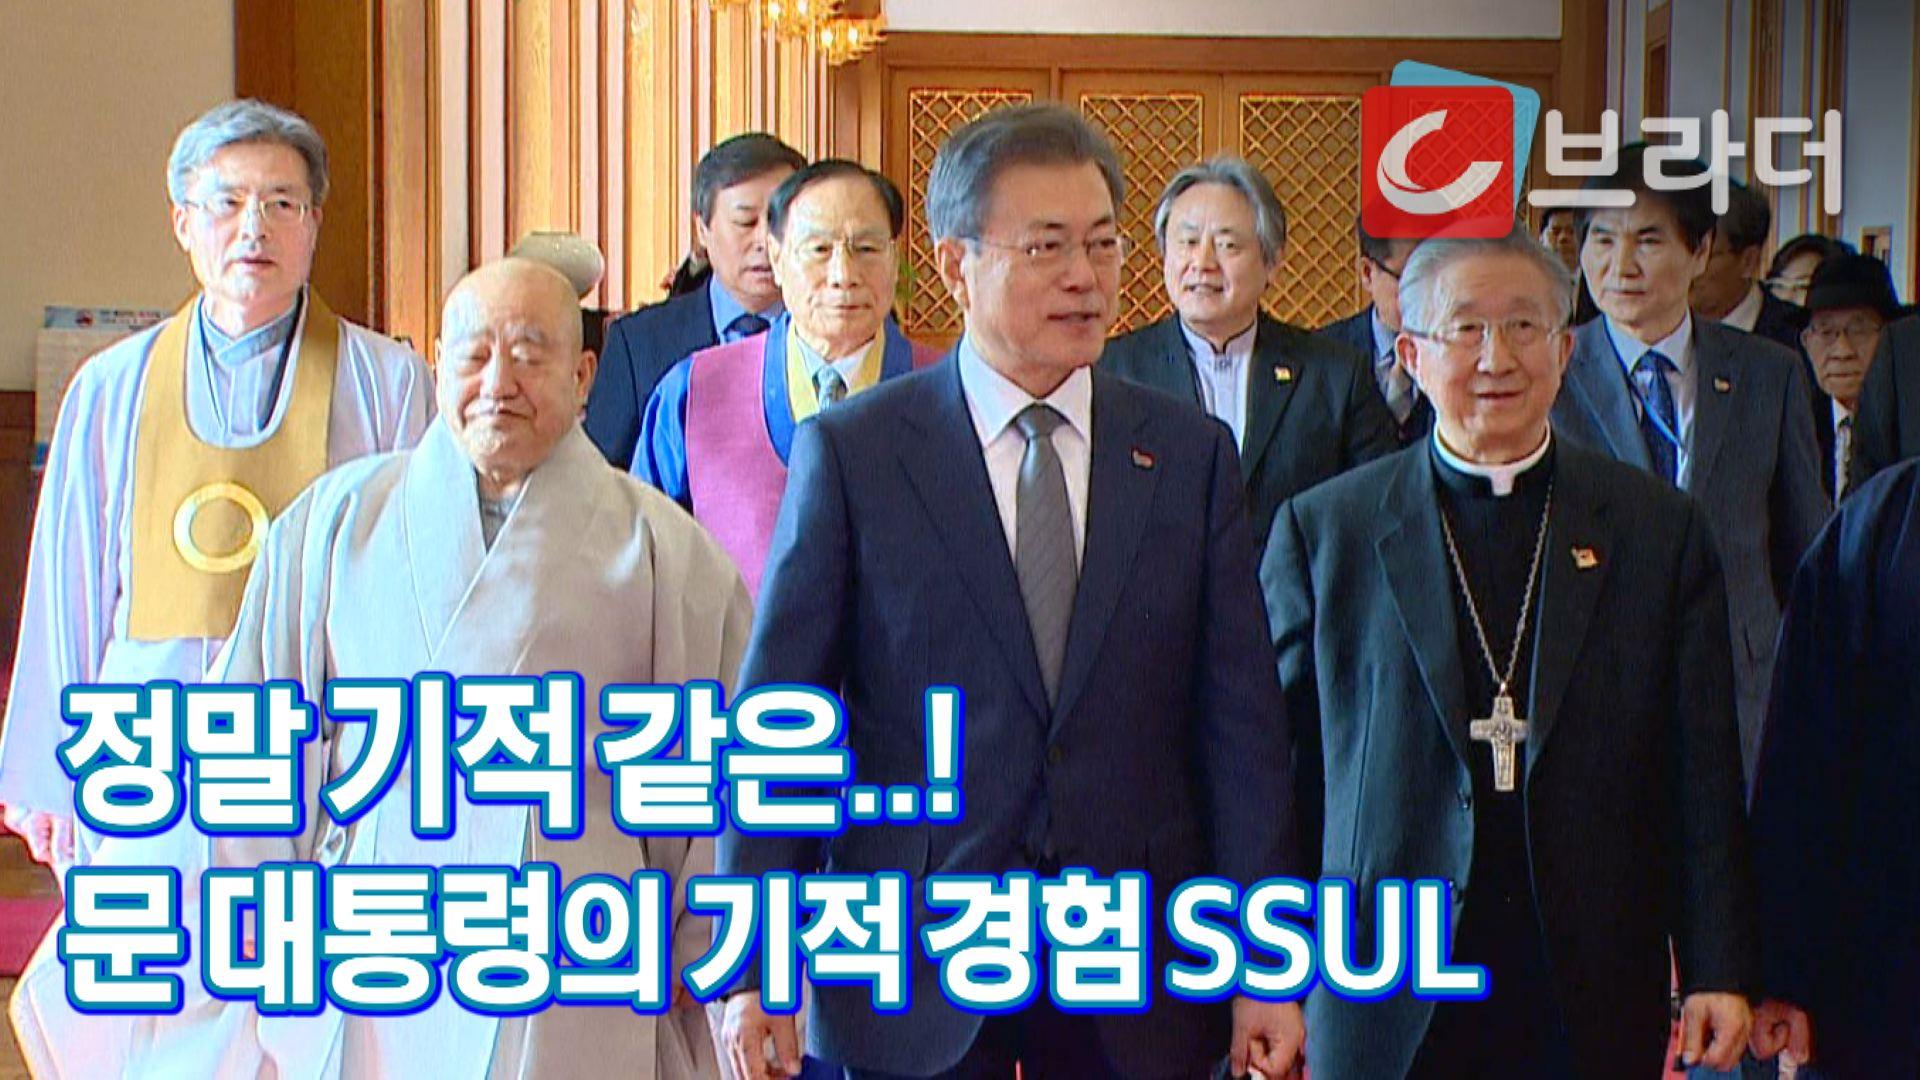 '독립선언서앞에서다'문재인대통령,종교지도자들에말한'기적같은일'은?..